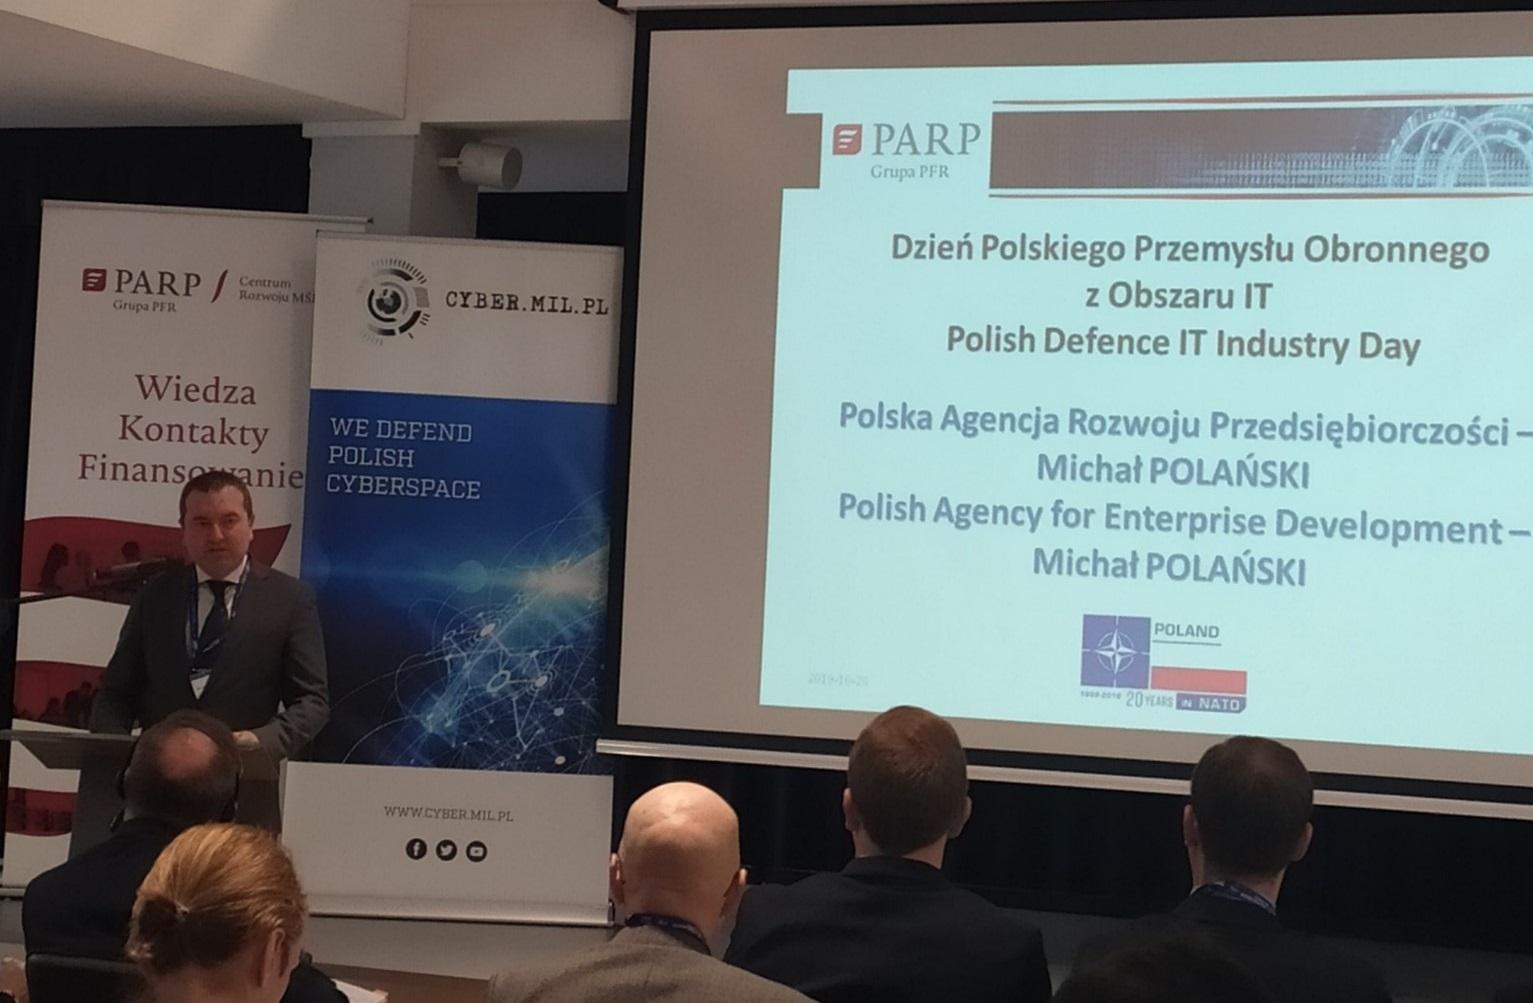 """PARP na konferencji """"Dzień Polskiego Przemysłu Obronnego z Obszaru IT"""""""